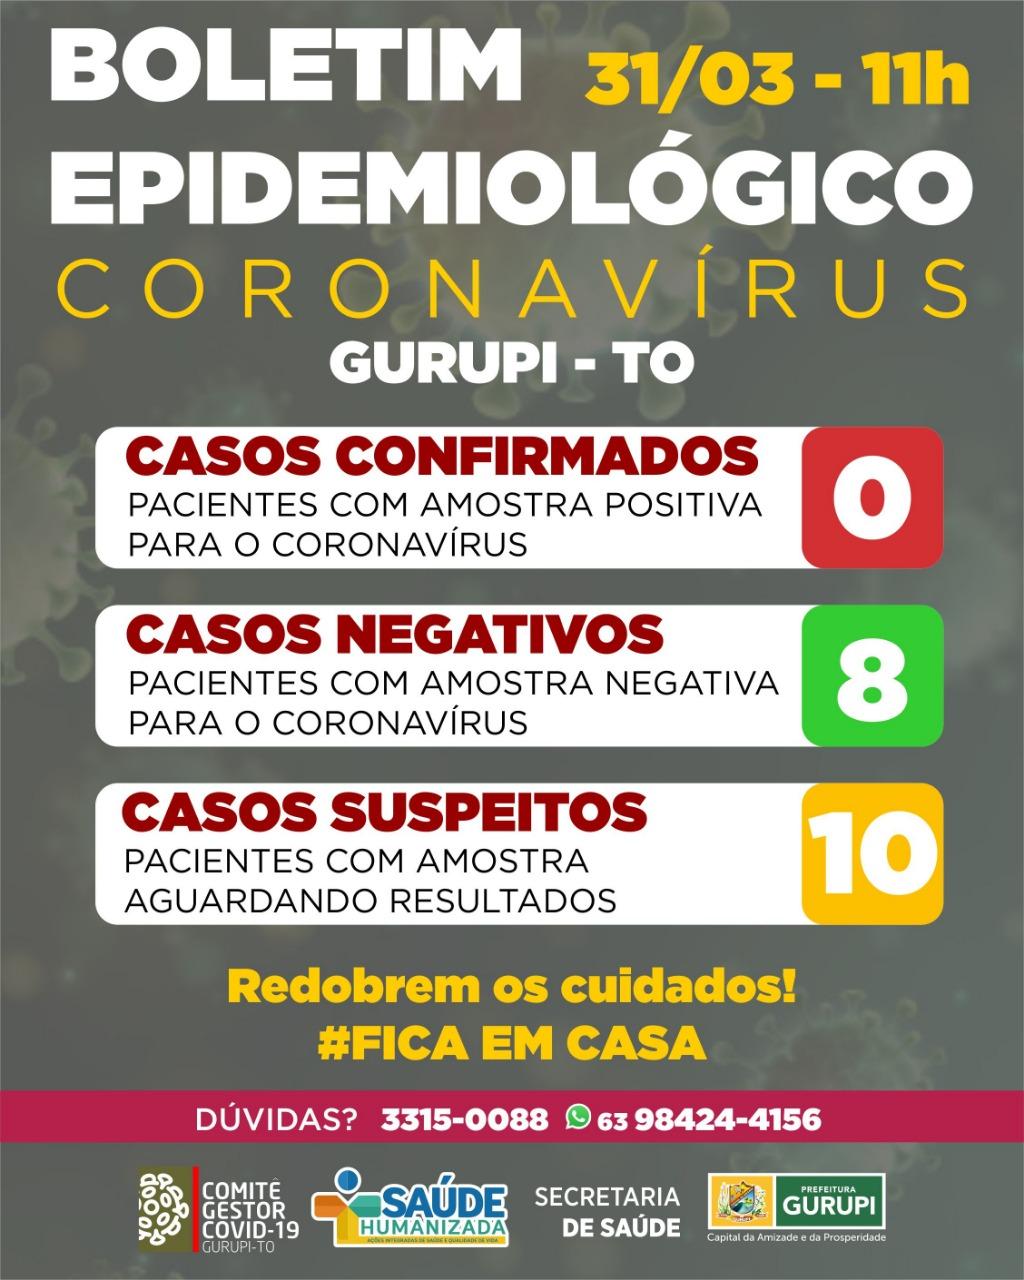 Boletim Epidemiológico de Gurupi informa: nenhum caso confirmado de Covid-19